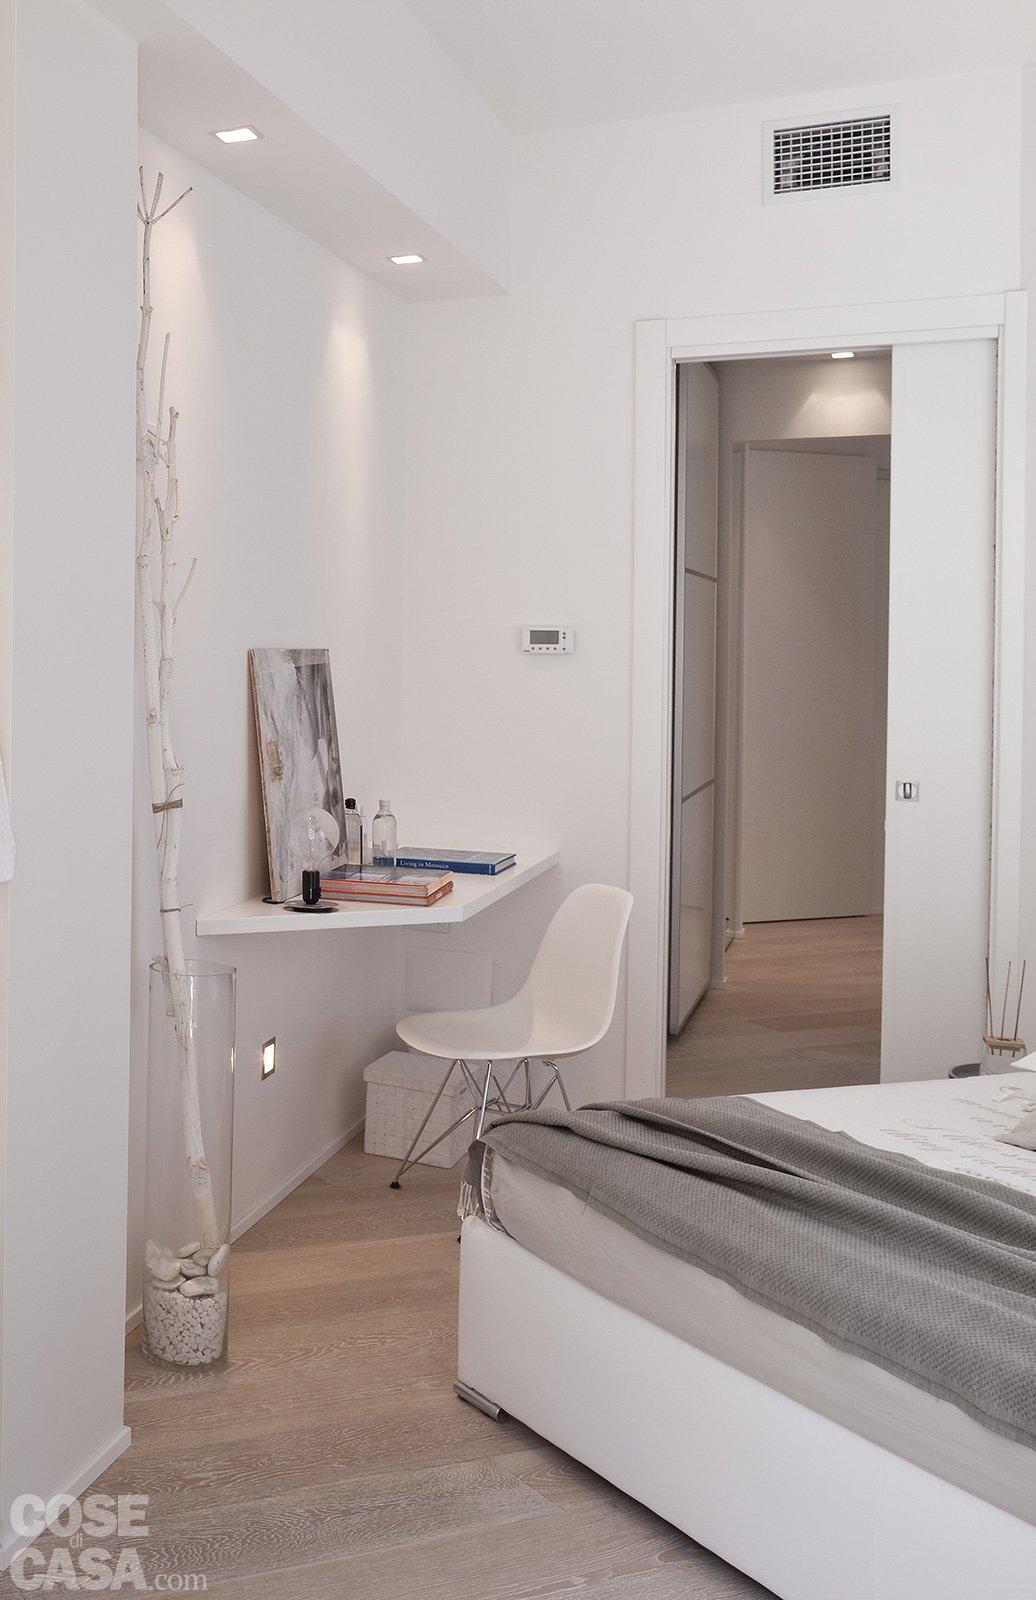 Idee per pareti camere da letto : idee per colori pareti camera da ...